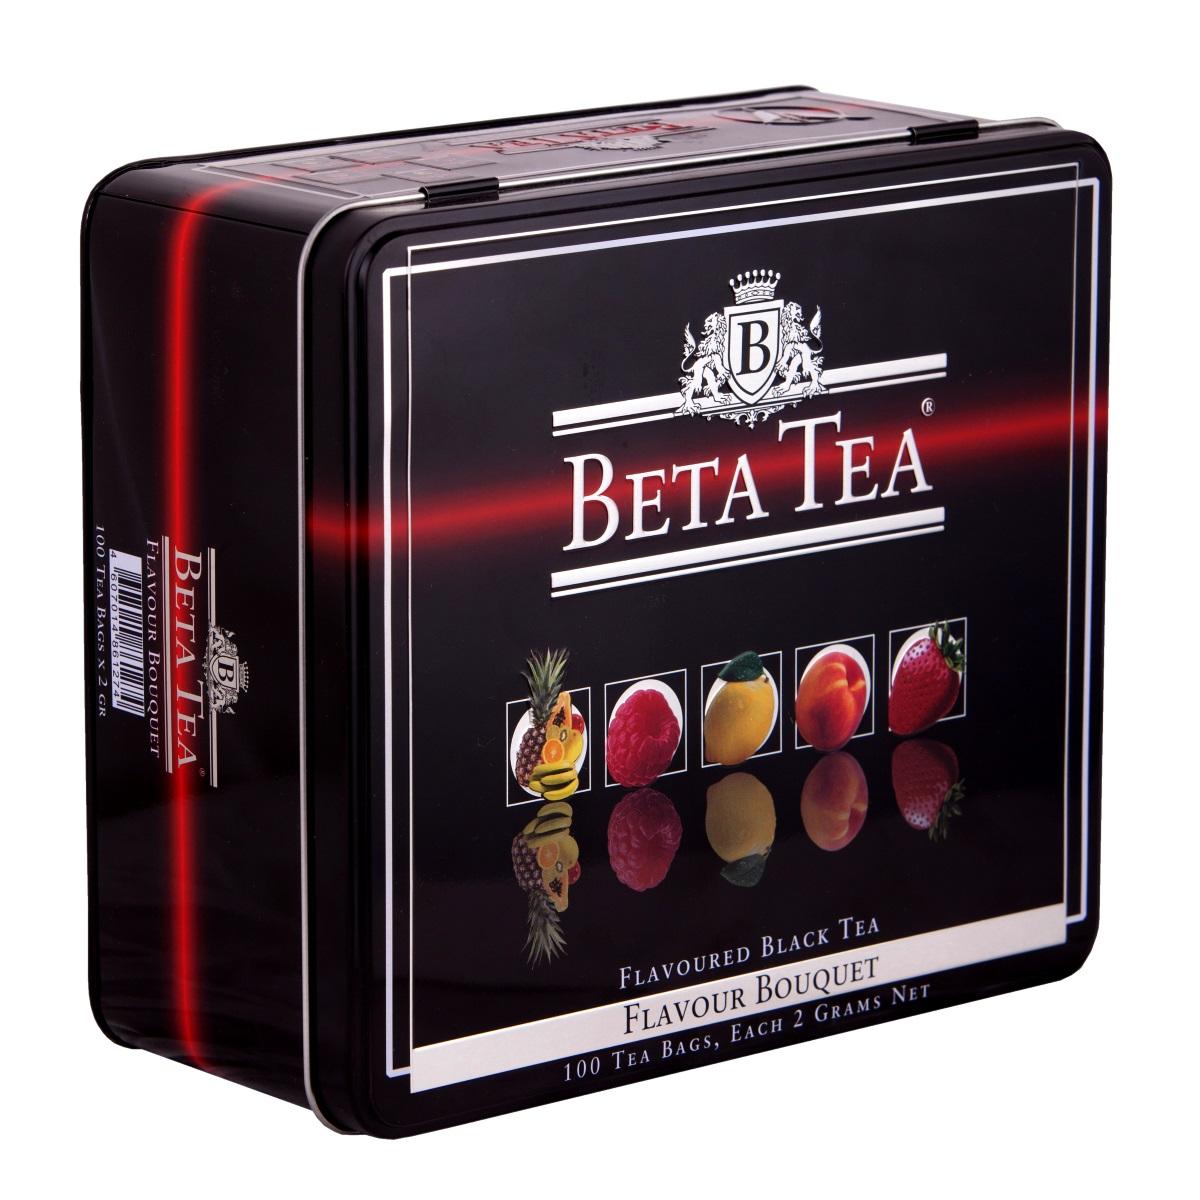 Beta Tea Букет ароматов чайный набор, 100 шт (подарочная упаковка)4607014861274Совершенный баланс высококачественного черного чая и нежного аромата натуральных фруктов и ягод, продолжительная свежесть и богатство оттенков вкуса делают Beta Tea Букет ароматов не только изумительным тонизирующим, но и великолепным десертным напитком, способным удовлетворить вкусы самых придирчивых чайных гурманов. Набор включает в себя: Чай Beta Tea Малина (20 шт., 40 г.). Он содержит в себе неповторимый аромат малины, что придает напитку изысканный вкус. Этот чай, собранный с самых лучших плантаций Цейлона, производится в экологически чистых условиях при помощи современных технологий. Чай Beta Tea Мультифруктовый (20 шт., 40 г.) с превосходным вкусом в сочетании с фруктовым ароматом доставит удовольствие всем любителям чая. В его состав входит смесь лучших сортов из Индии, Цейлона и Кении. Beta Tea Лимон (20 шт., 40 г.) содержит в себе приятный аромат лимона, что придает чаю изысканный вкус. Этот чай, собранный с самых лучших плантаций Цейлона,...